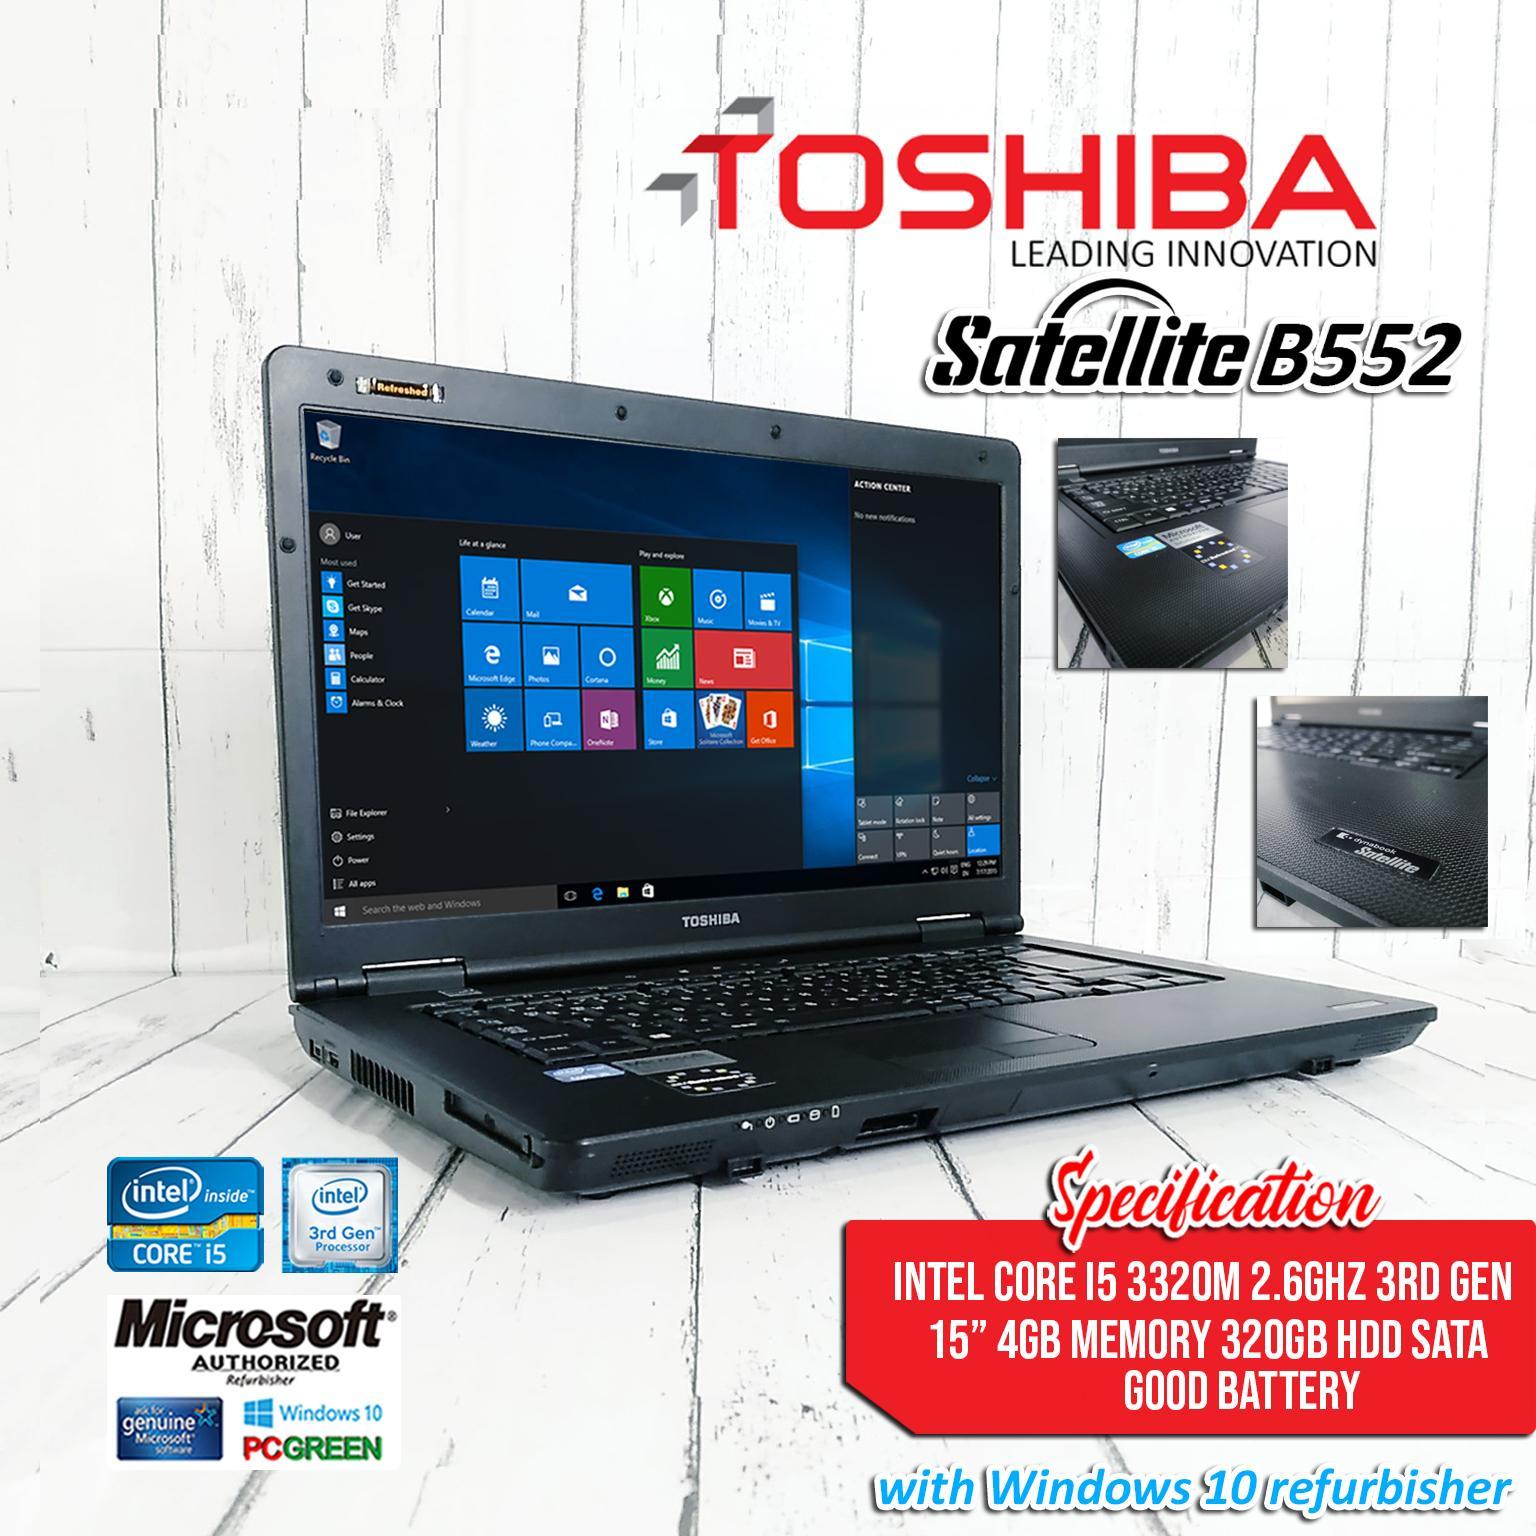 LAPTOP Toshiba Satelite B552 core i5 3320 2.6ghz (3rd gen)